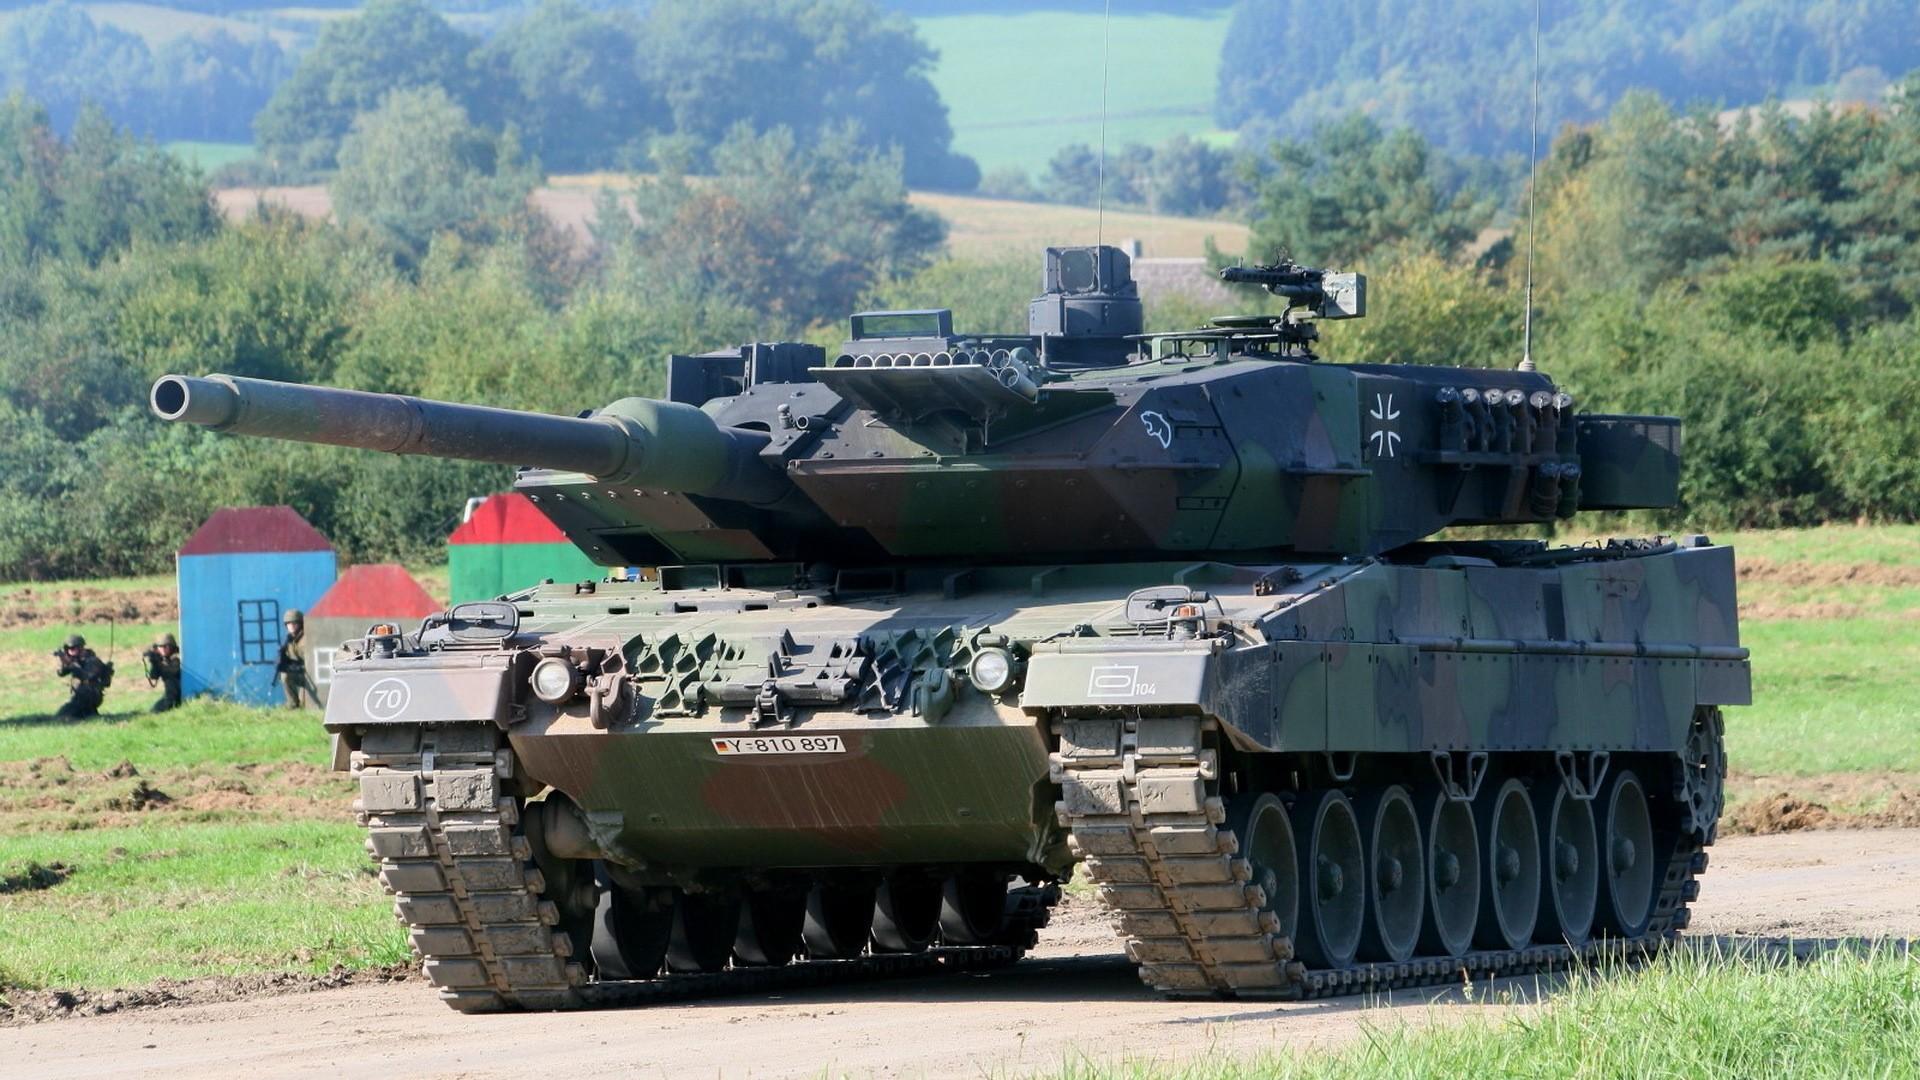 дисковые тормоза, смотреть картинки танки всех стран мира фотографировать